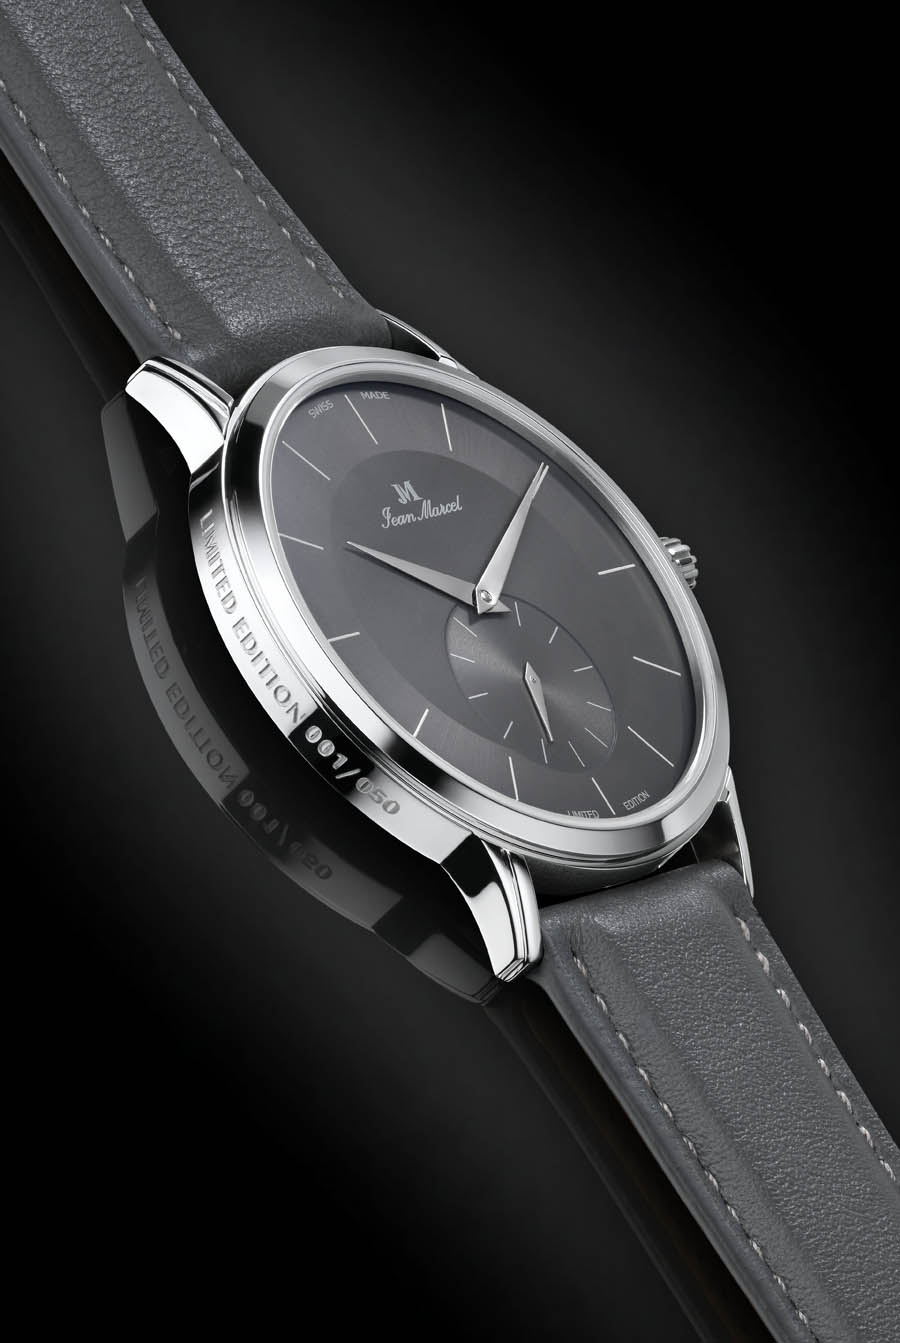 Die Jean Marcel Tantum 313 Watchtime ist auf 50 Exemplare limitiert und nur im Watchtime.net-Shop erhältlich